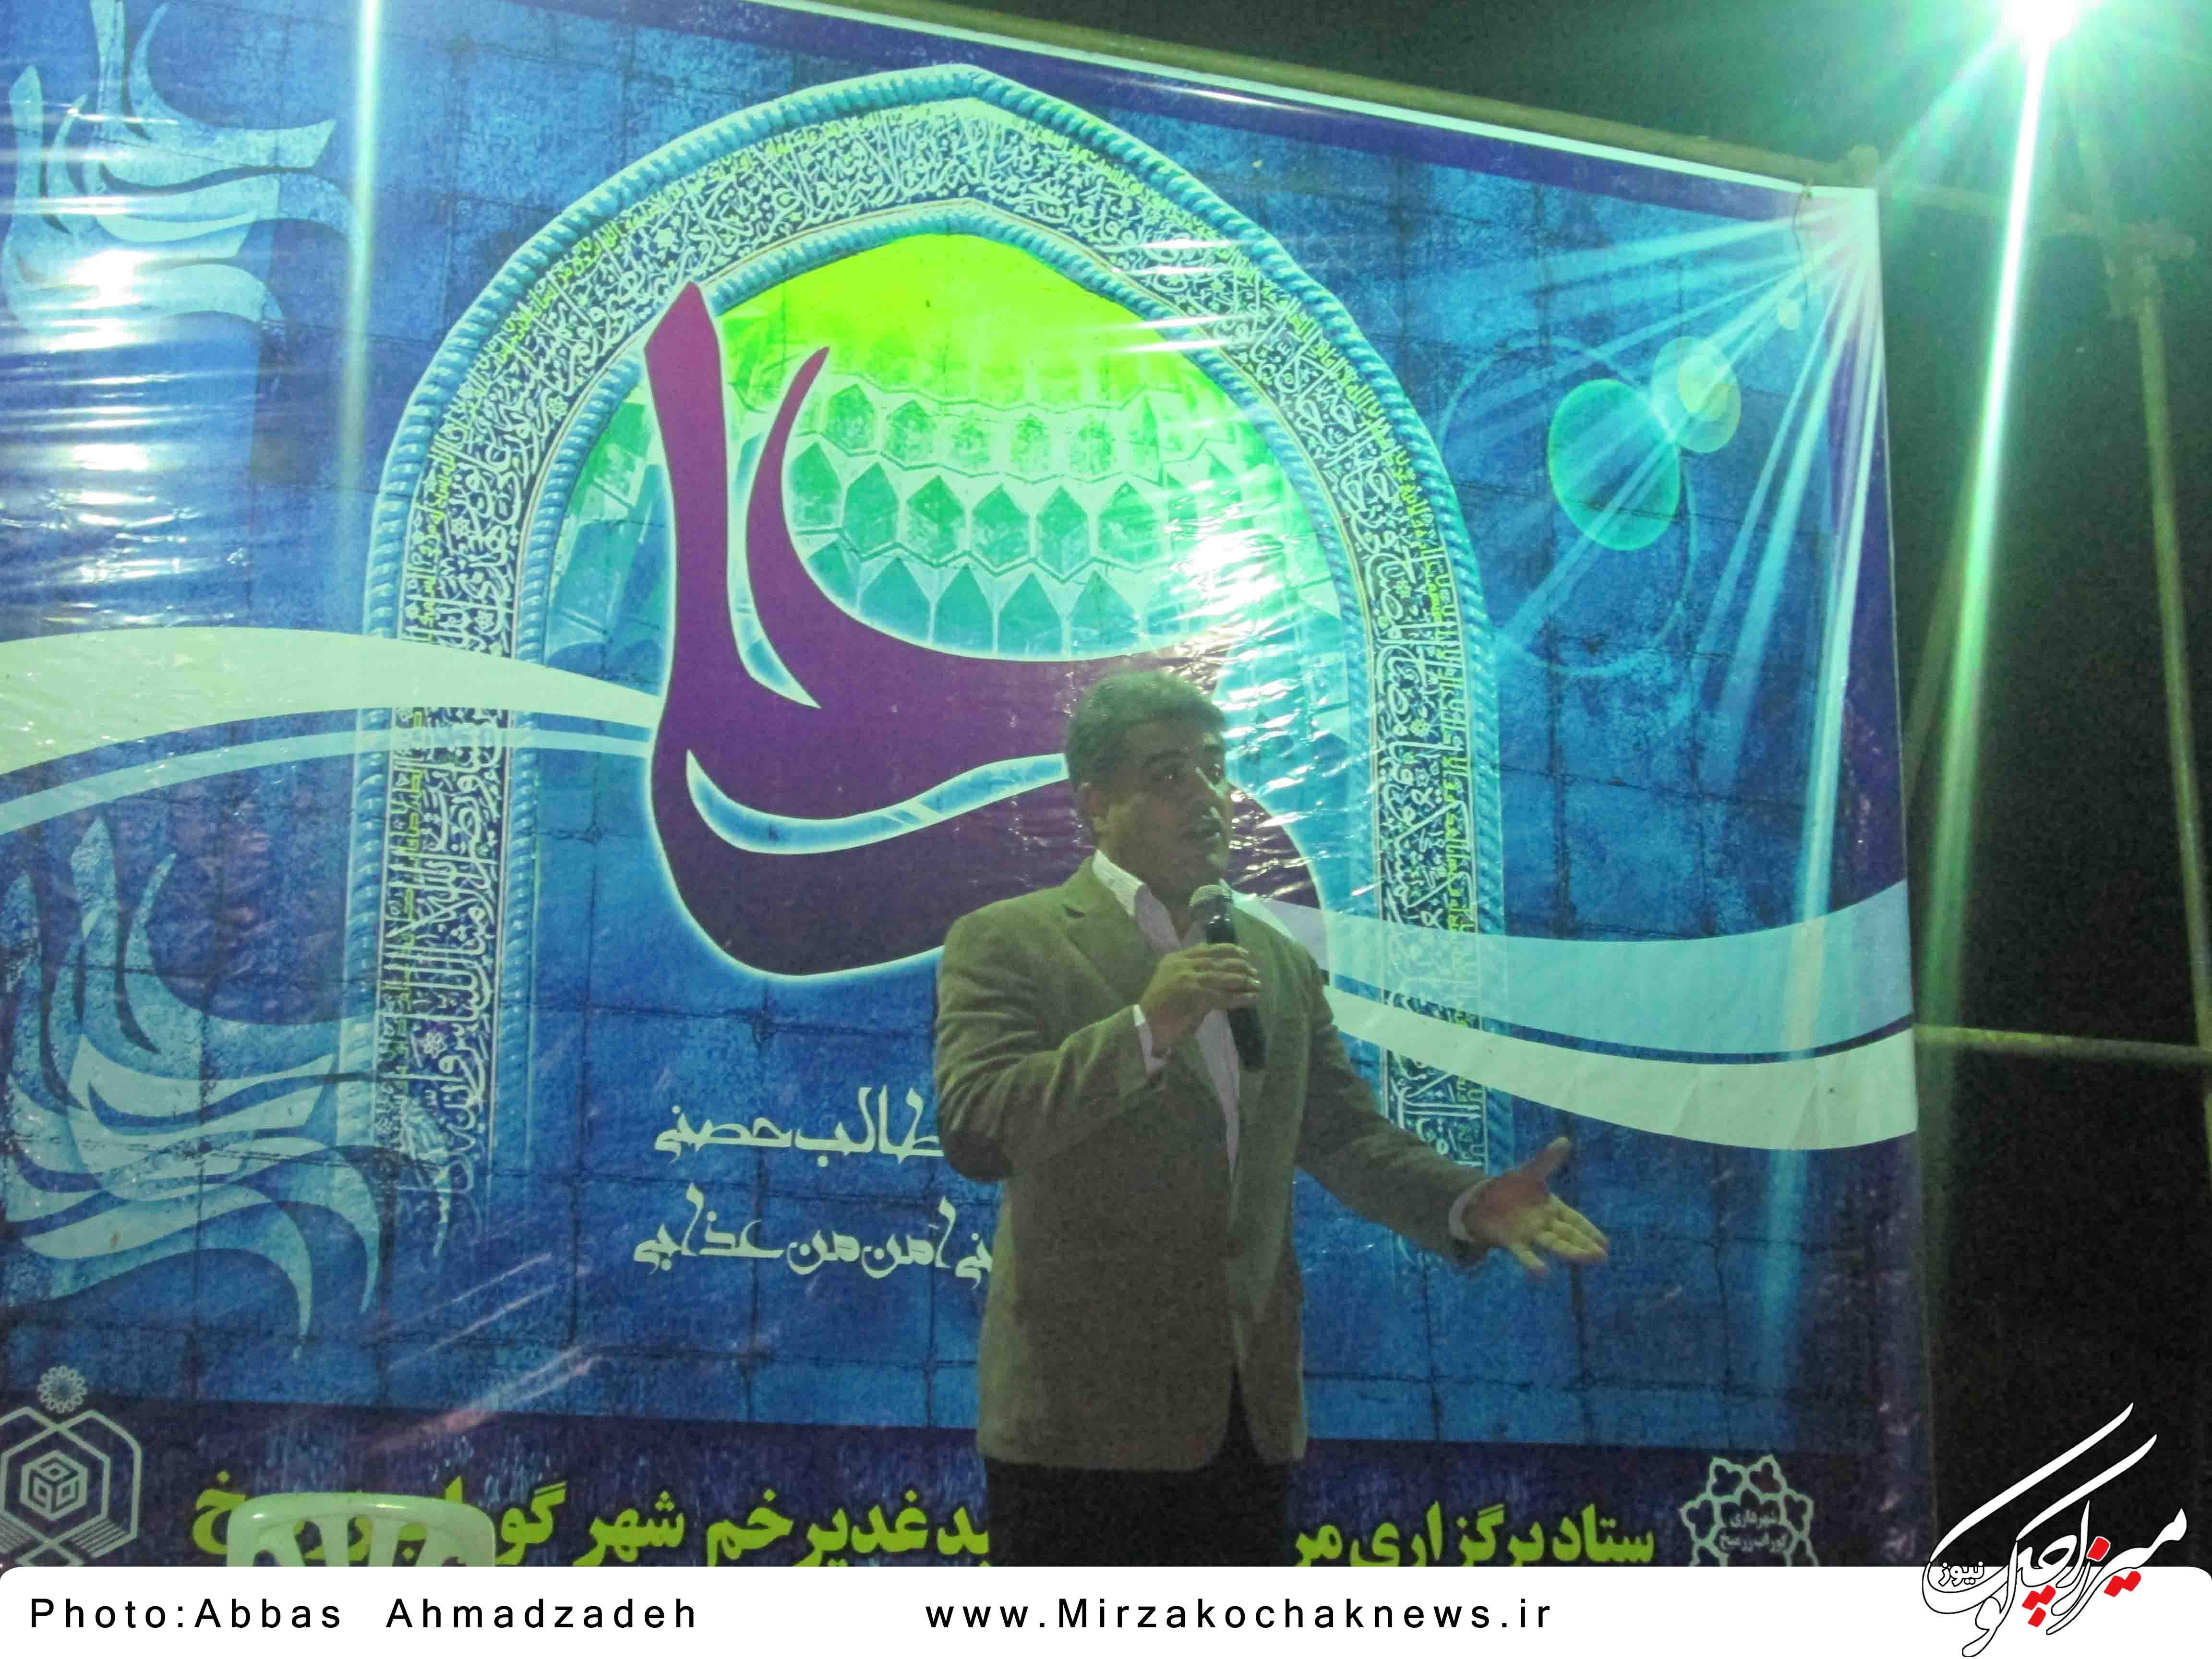 جشن عید غدیر در گوراب زرمیخ